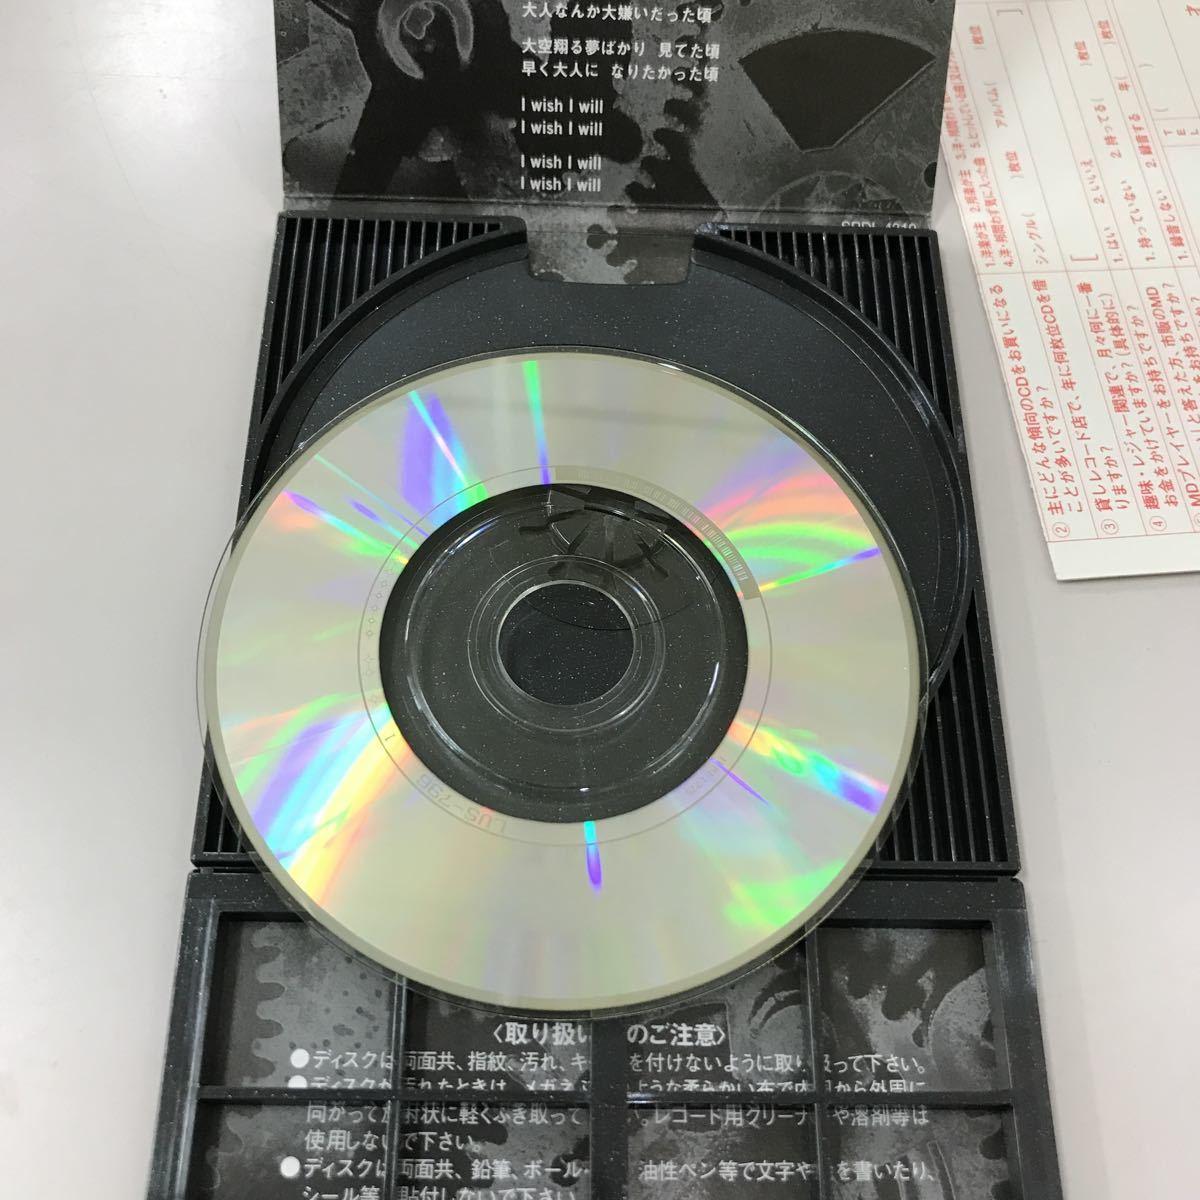 シングルCD 8センチ 中古【邦楽】長期保存品 NAOKI HEROES